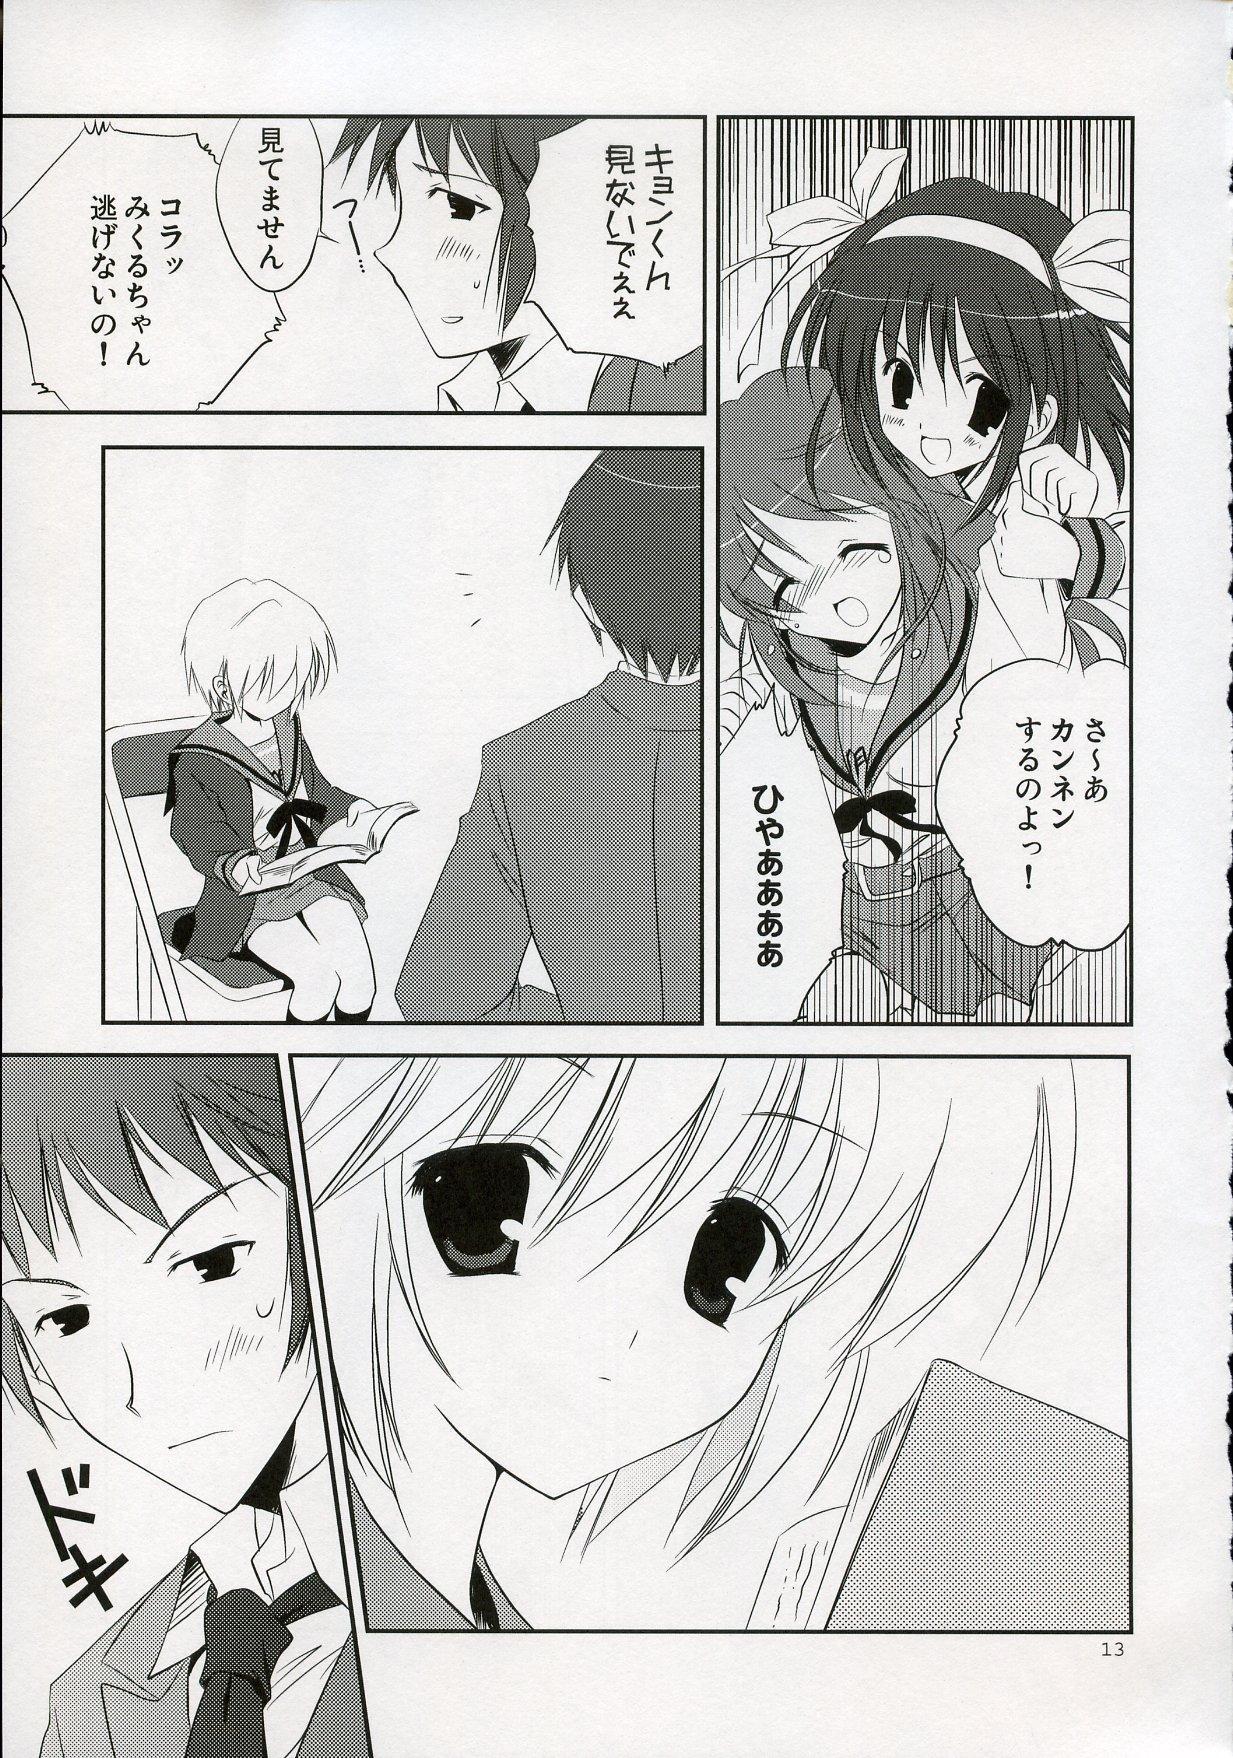 Nagato VS Kyon 11